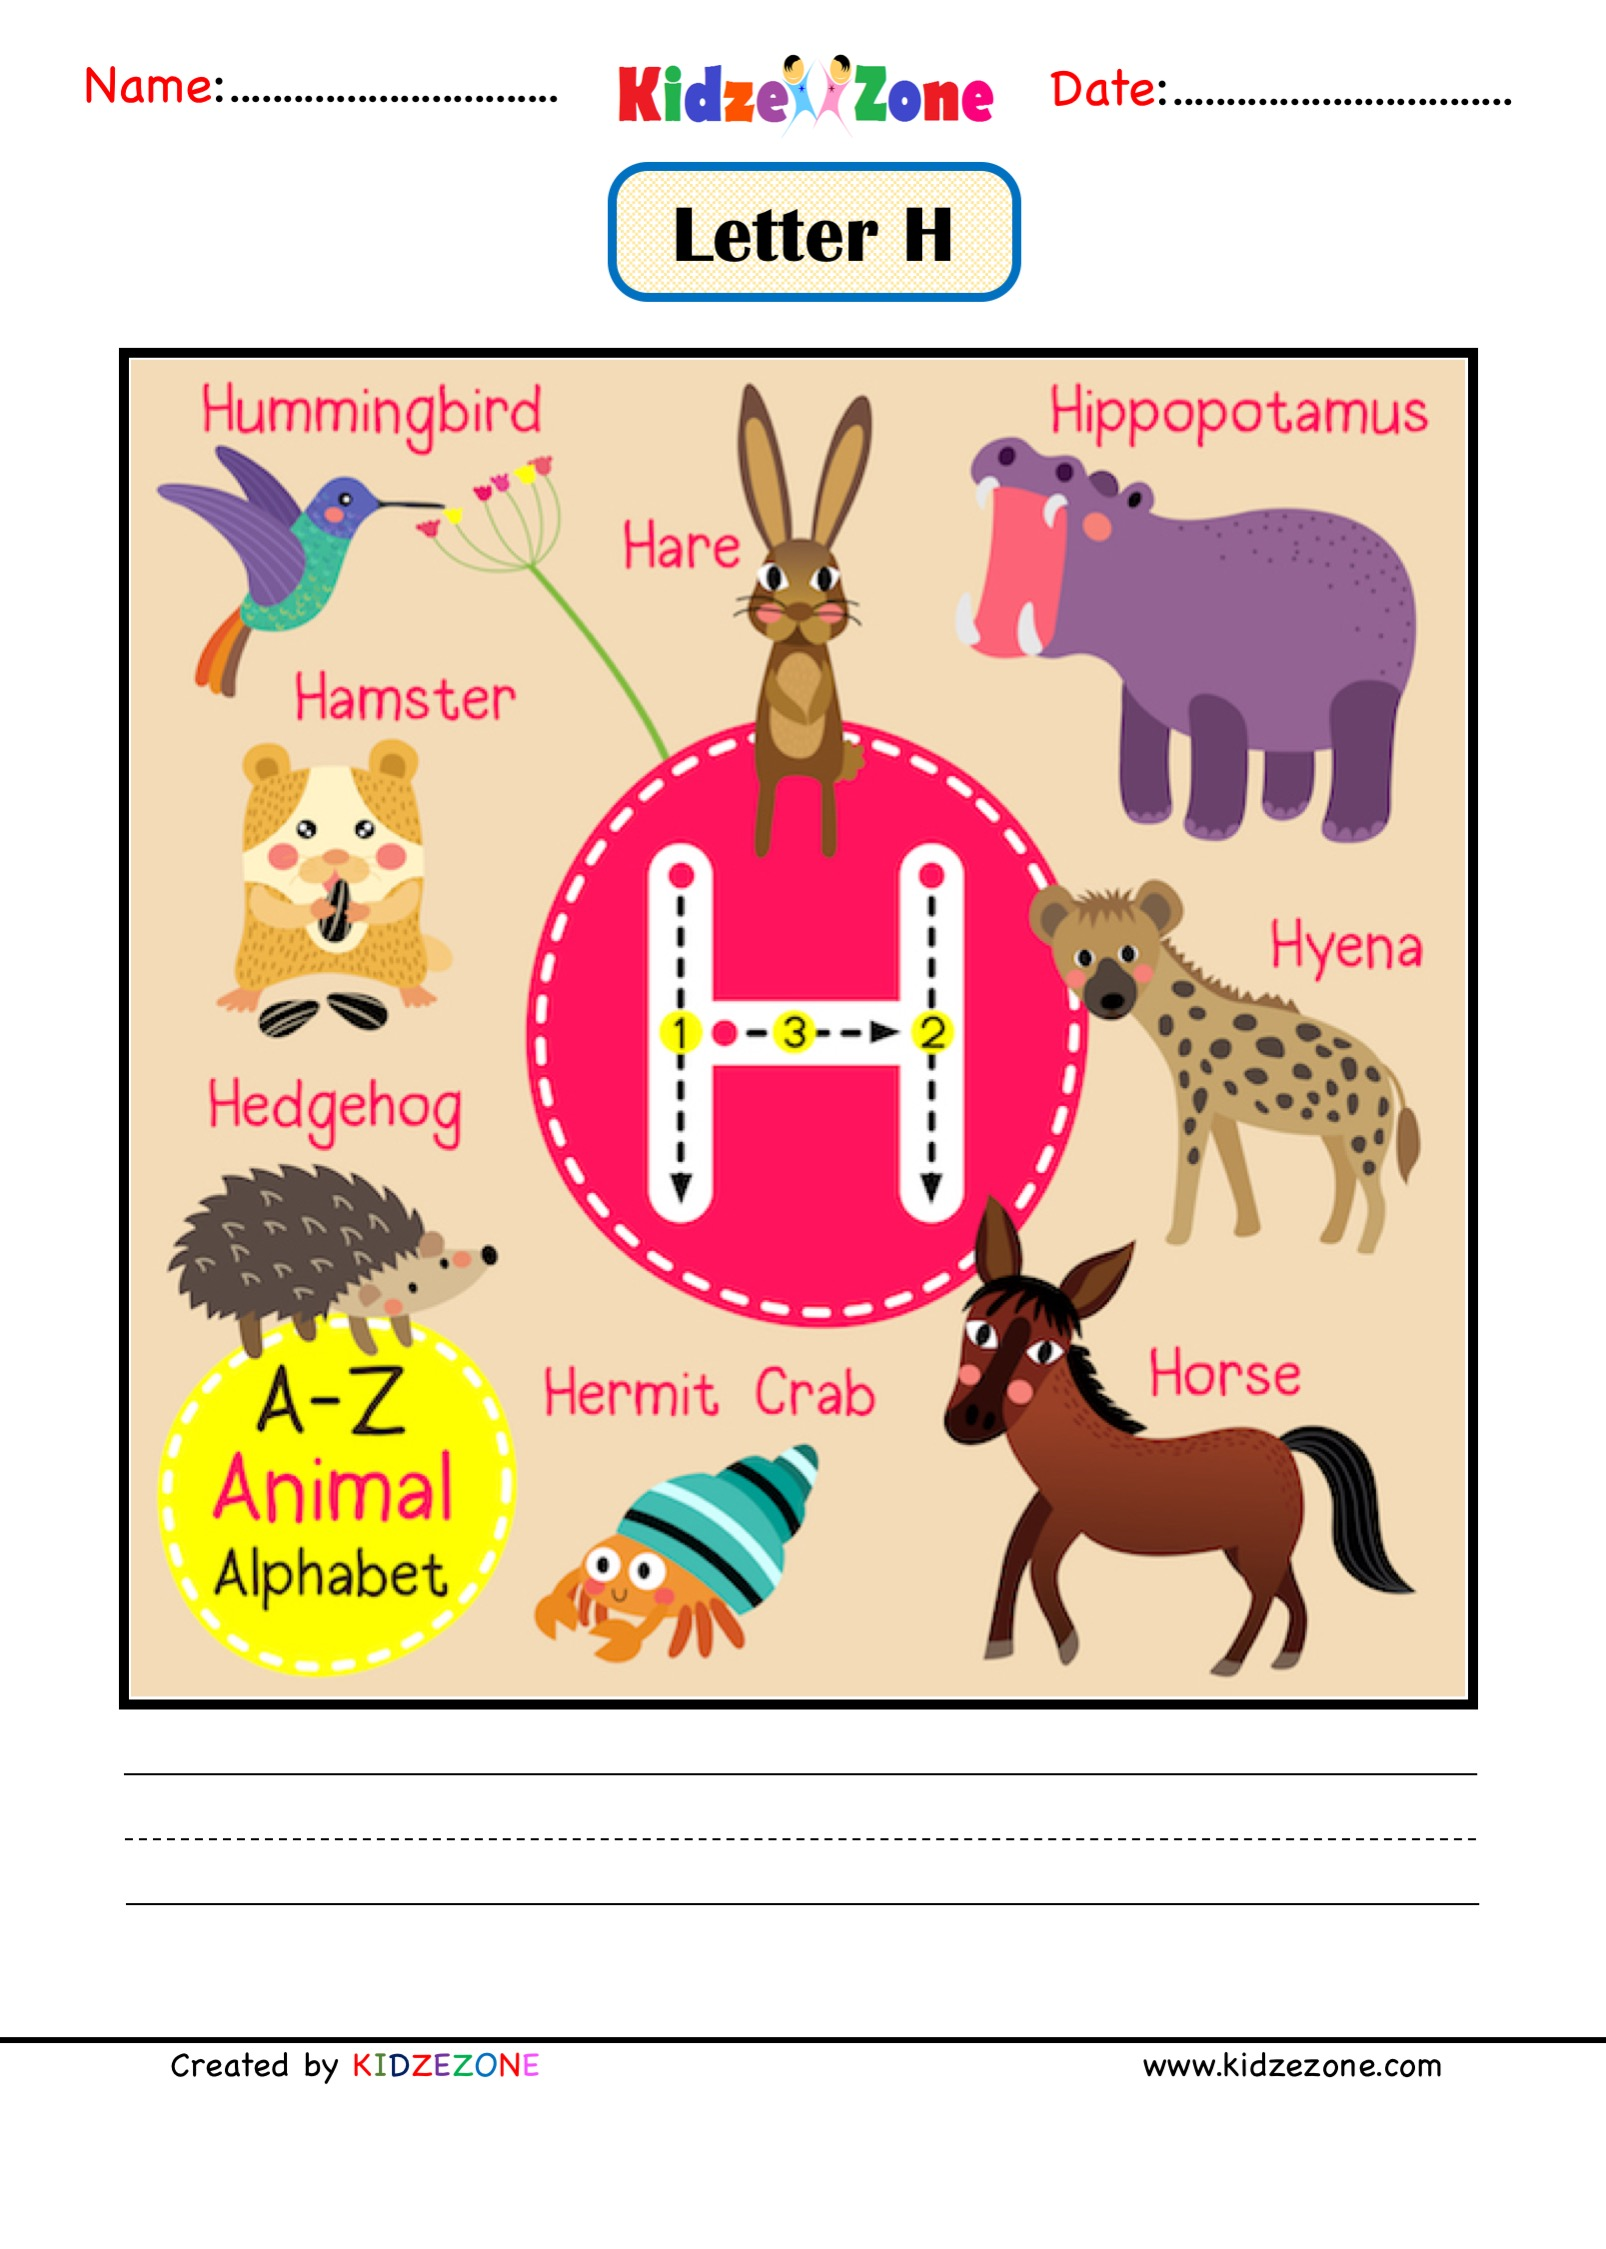 Kindergarten Letter H Animal Picture Cards Worksheet